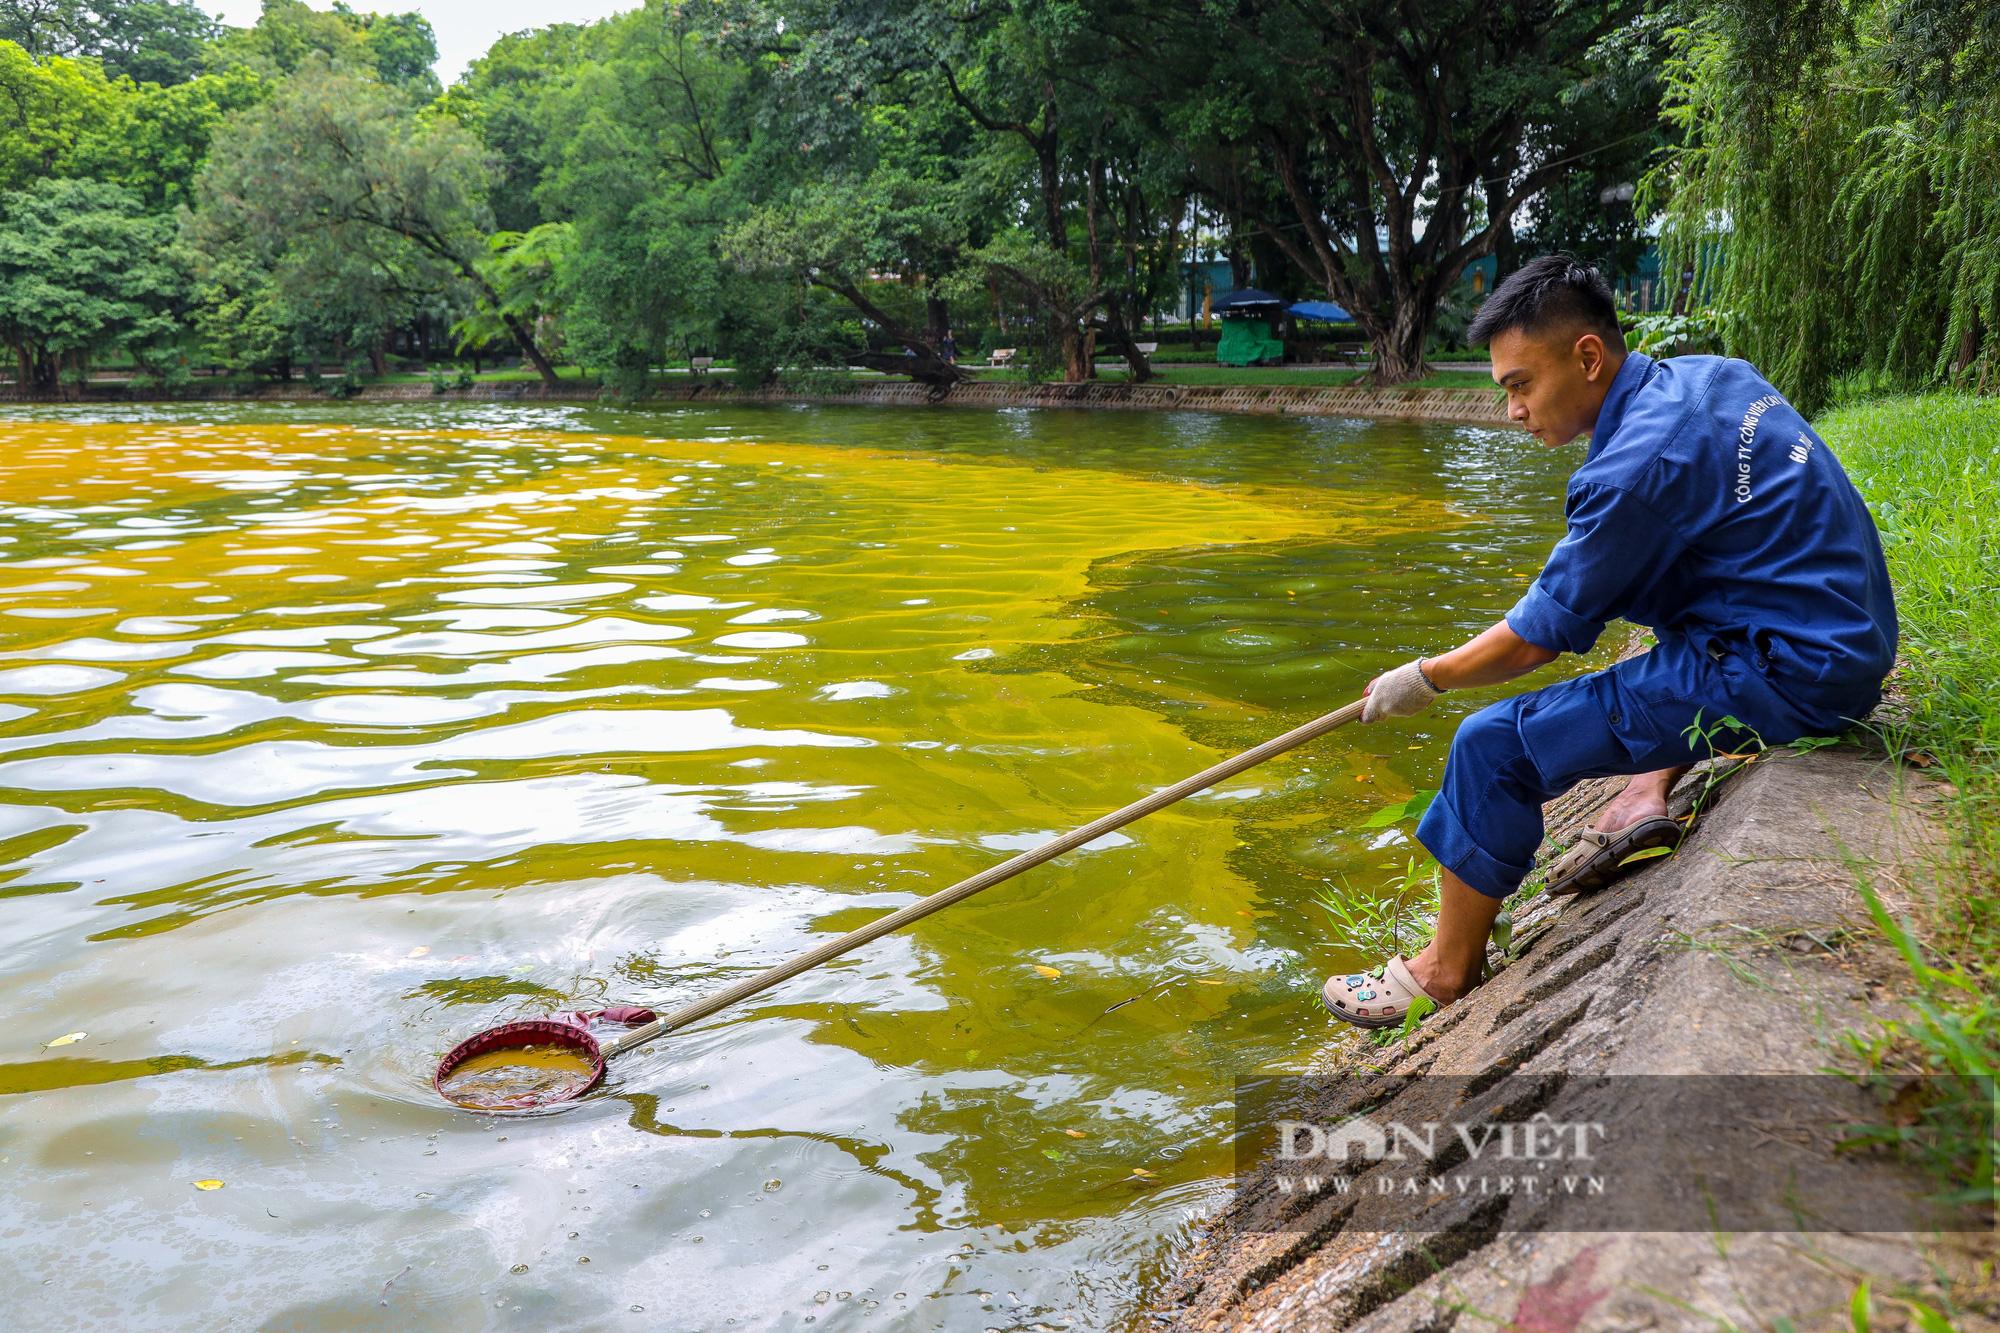 Hà Nội: Mặt nước hồ Bách Thảo bất ngờ chuyển màu vàng lạ mắt - Ảnh 8.